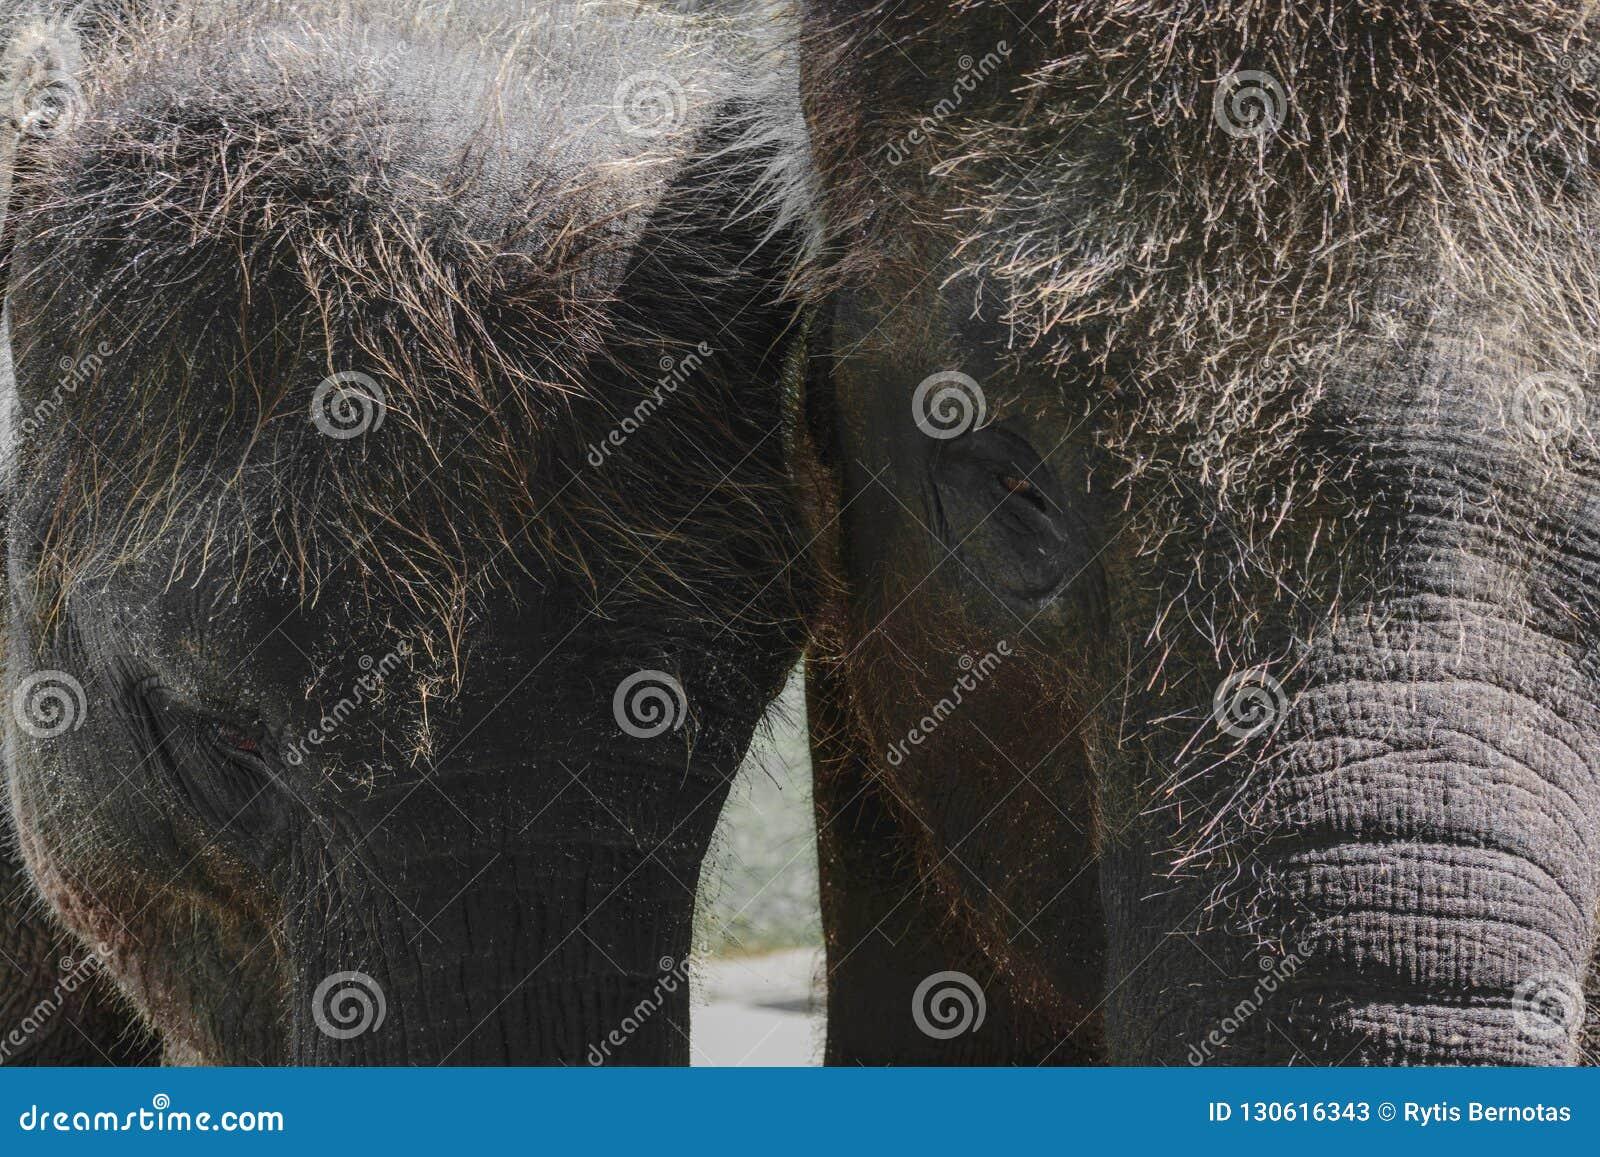 Unga två och håriga Sumatra elefanter som står bredvid de